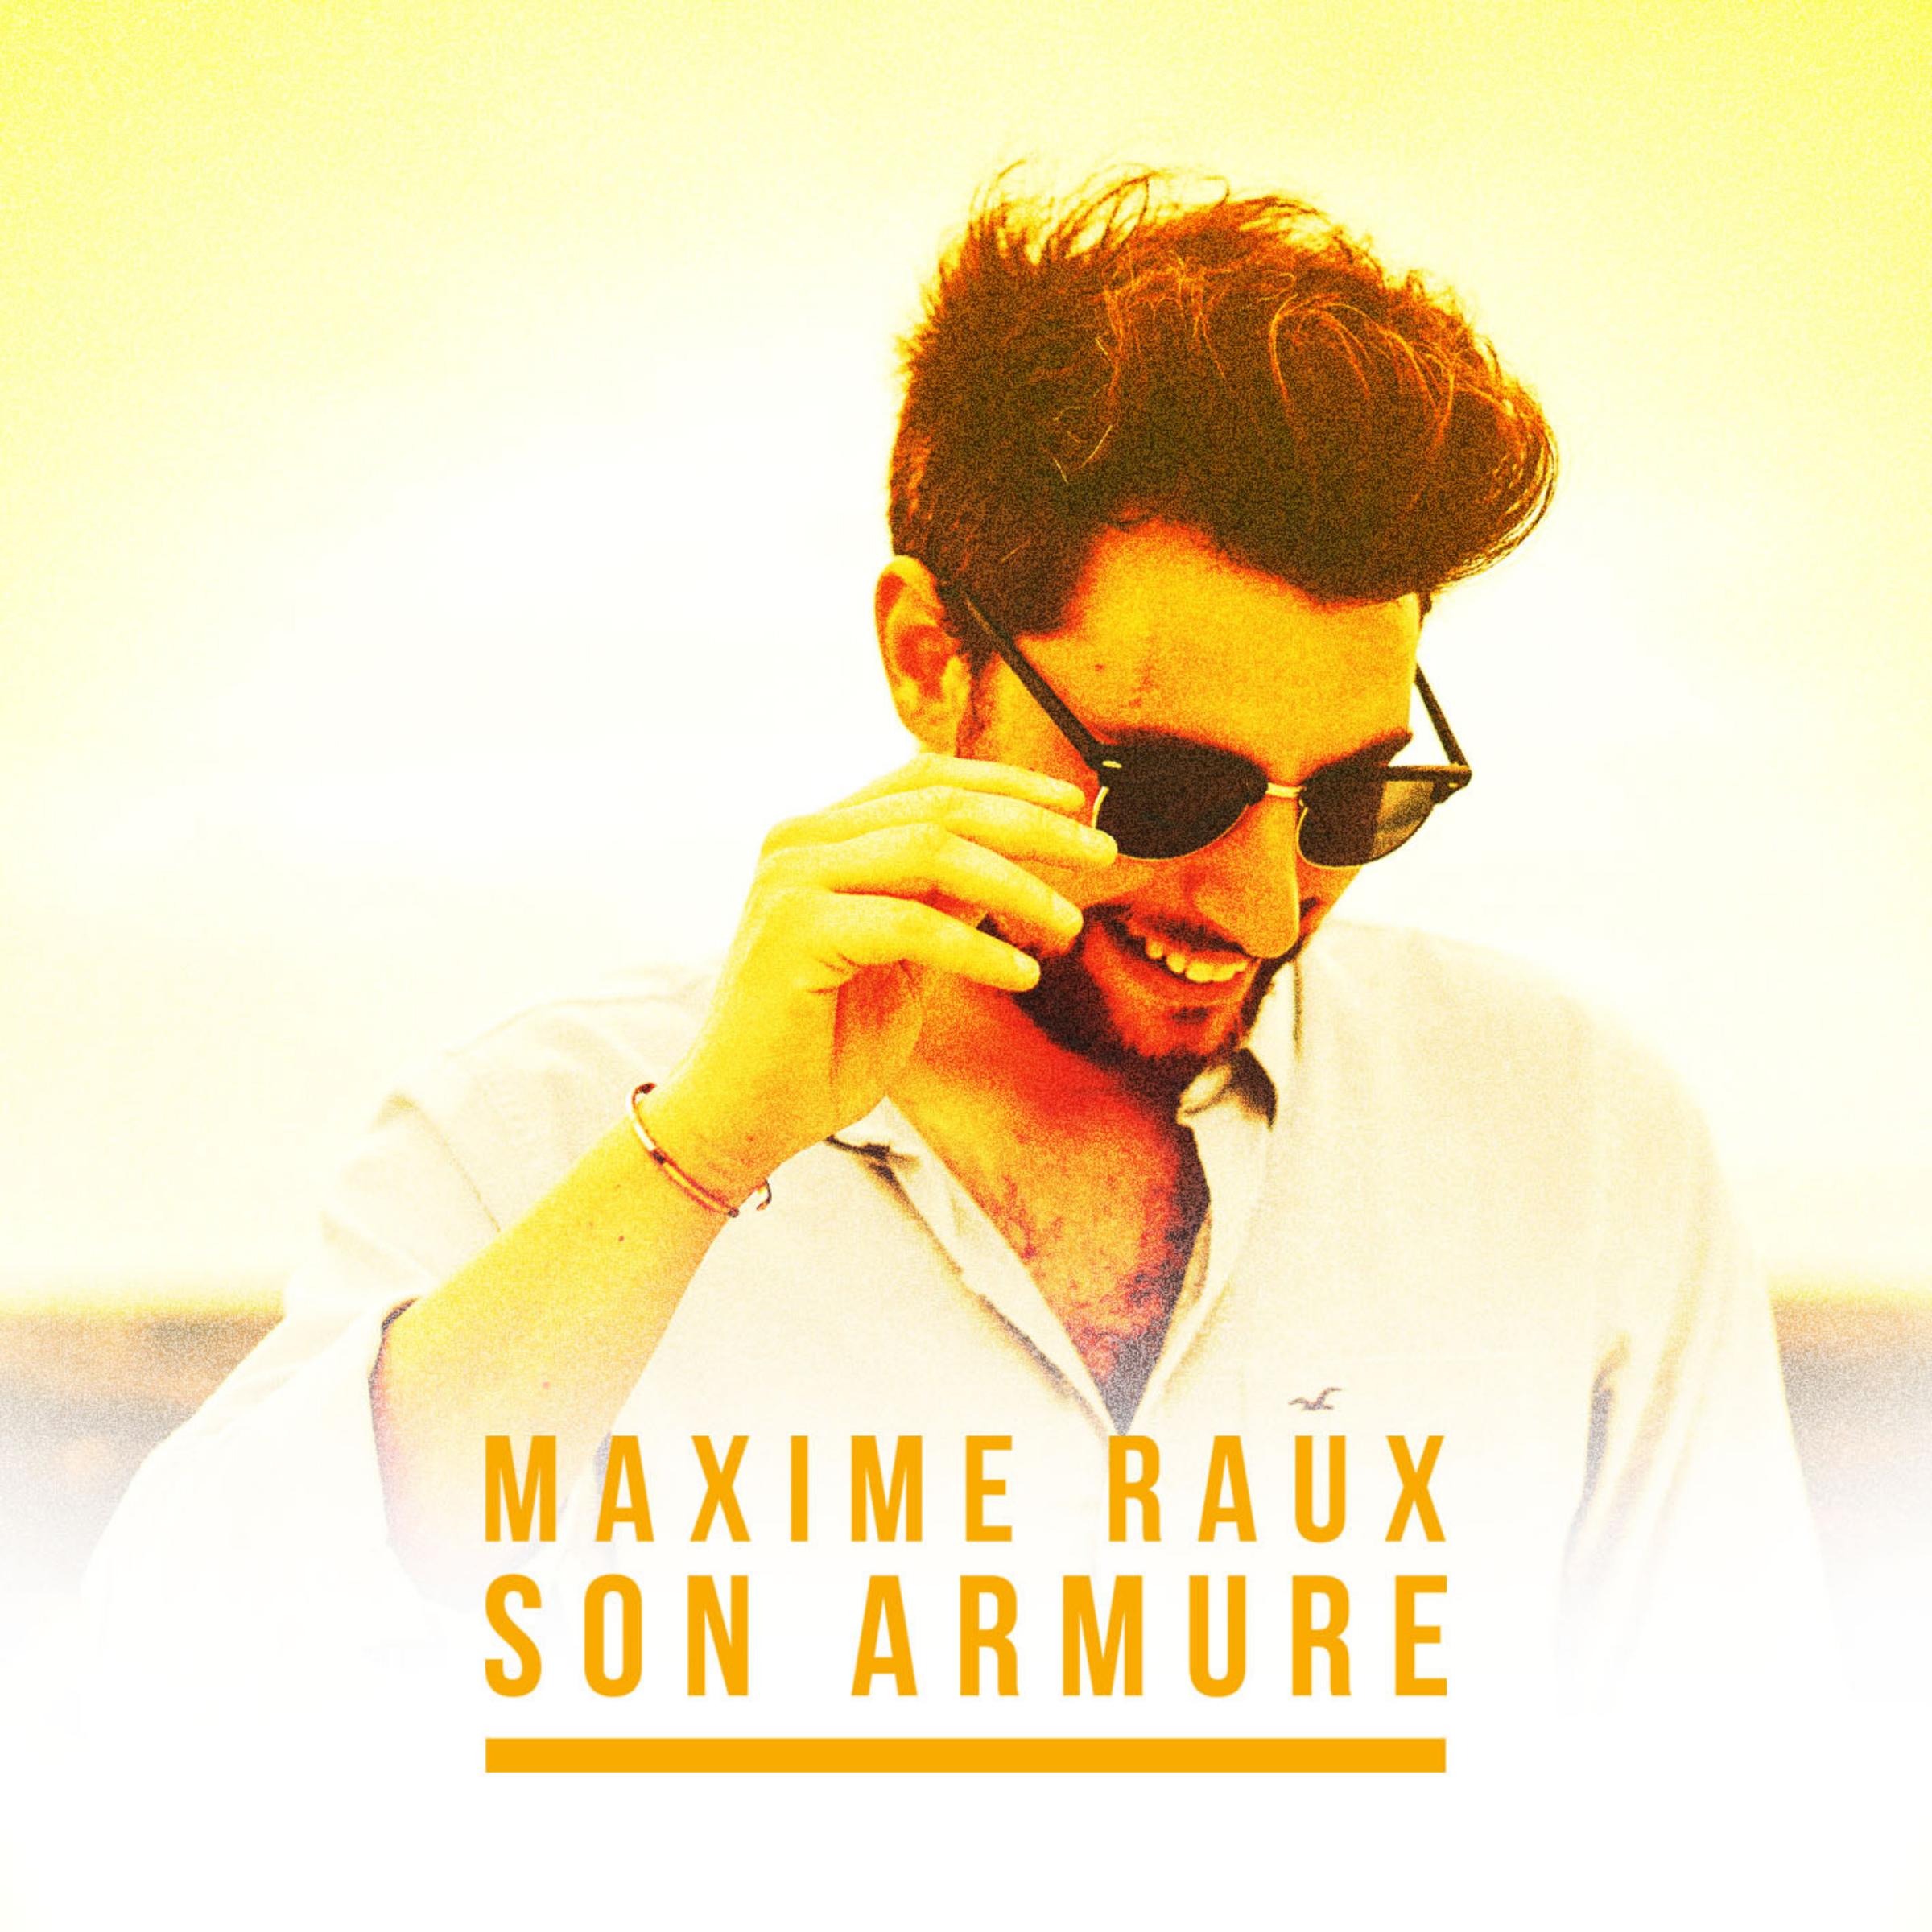 MAXIME RAUX - Son armure